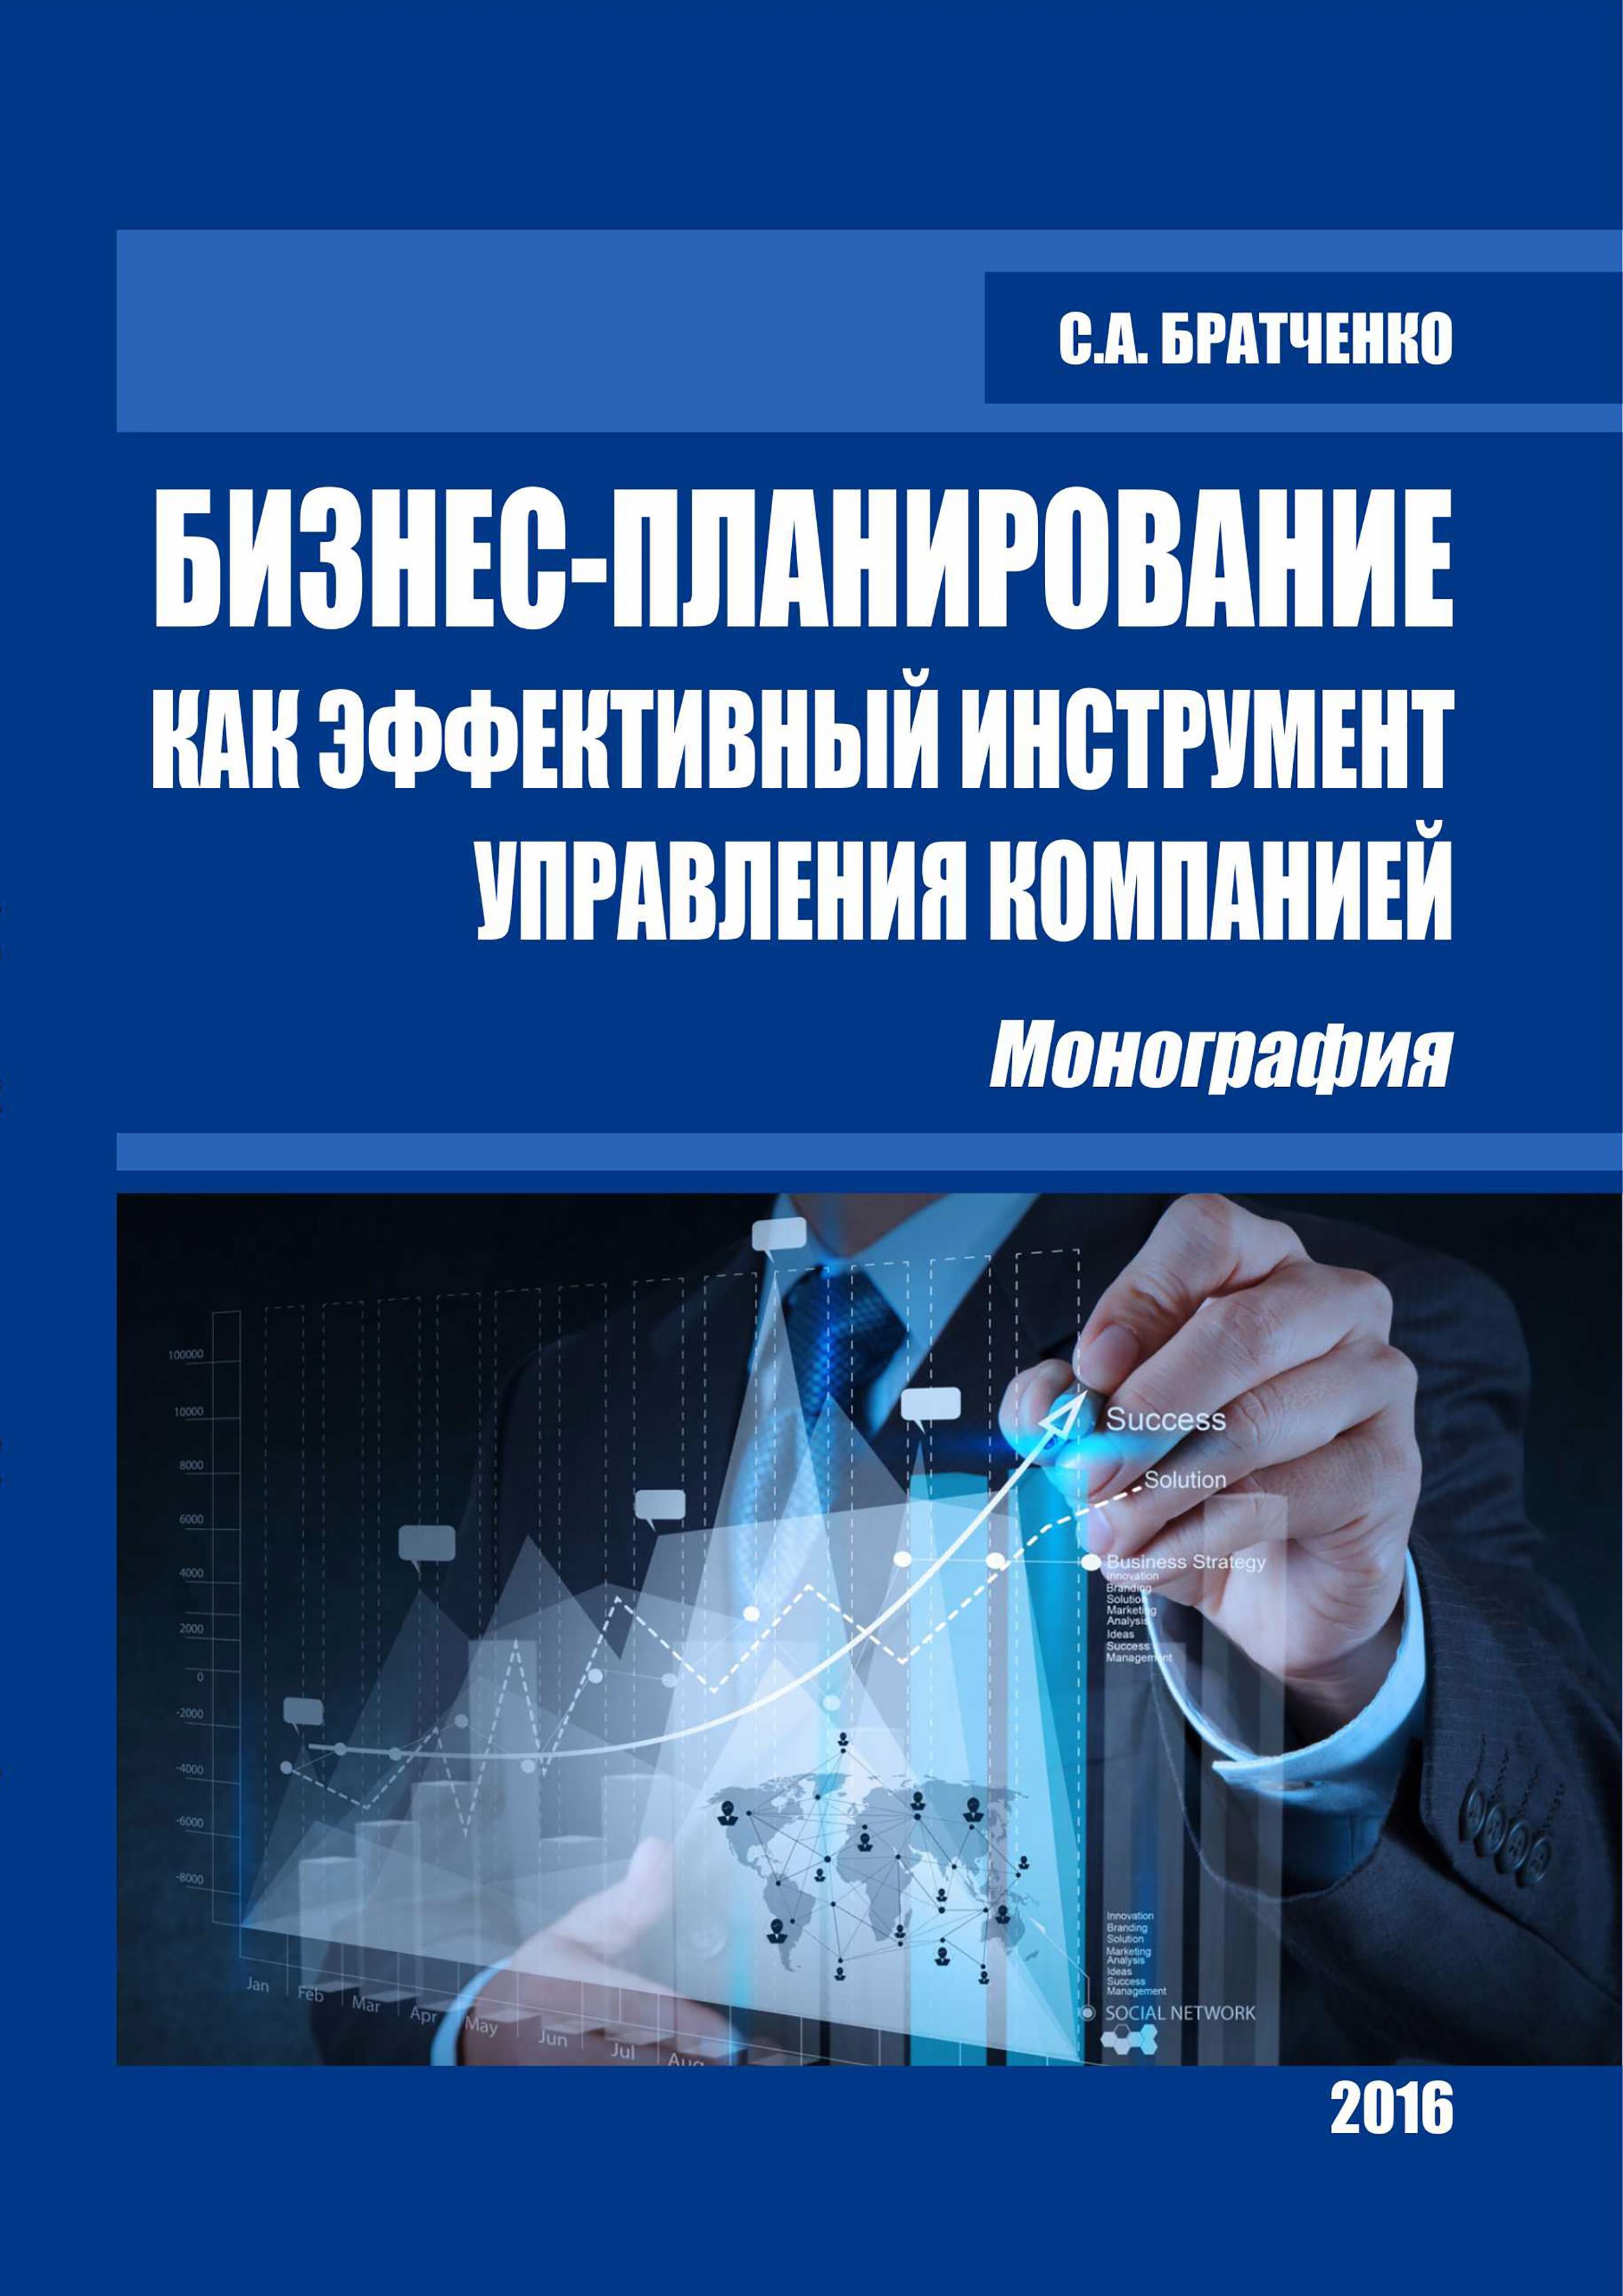 С. А. Братченко Бизнес-планирование как эффективный инструмент управления компанией стэк дж берлингем б большая игра в бизнес единственный разумный способ управления компанией